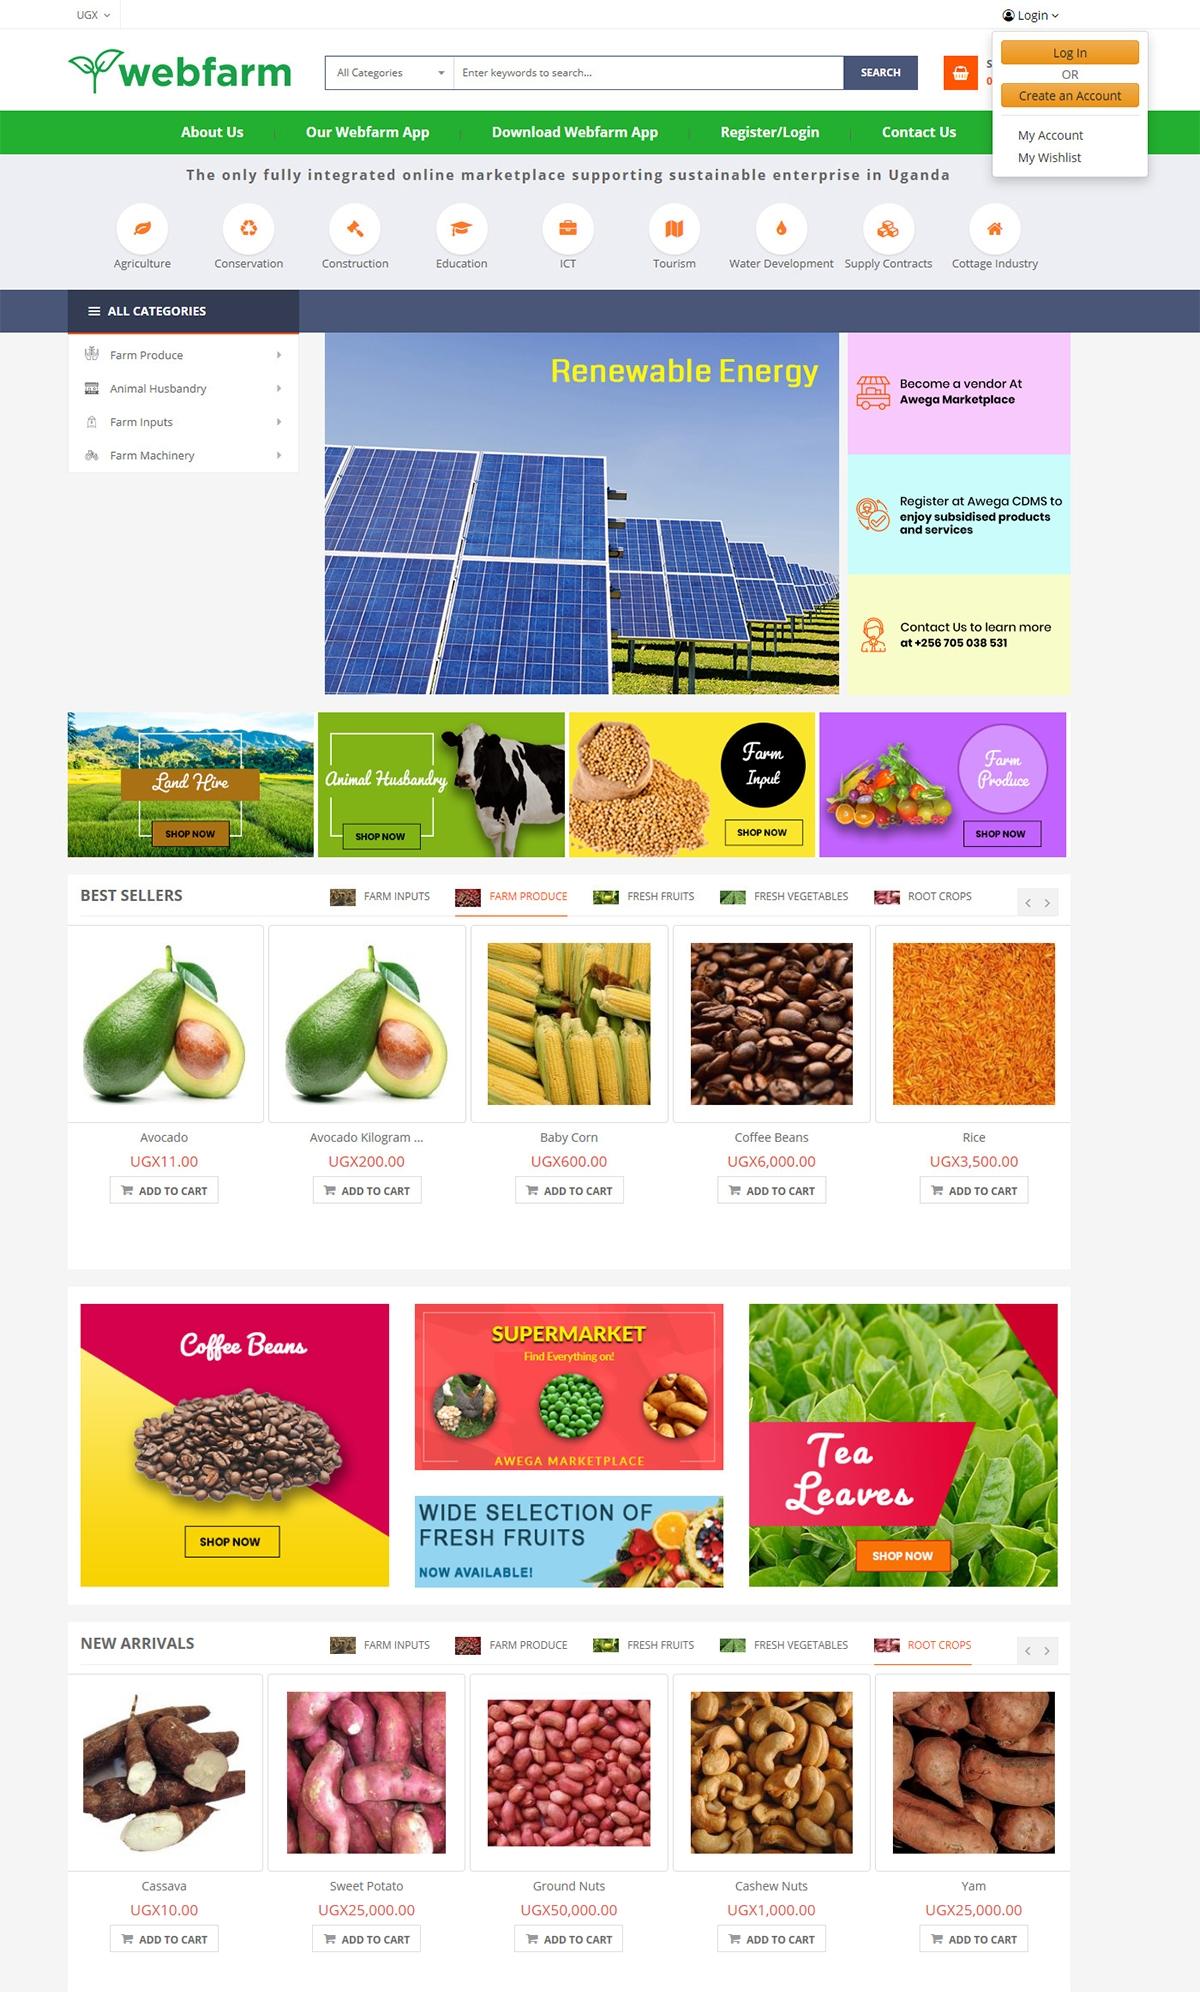 Webfarm Marketplace